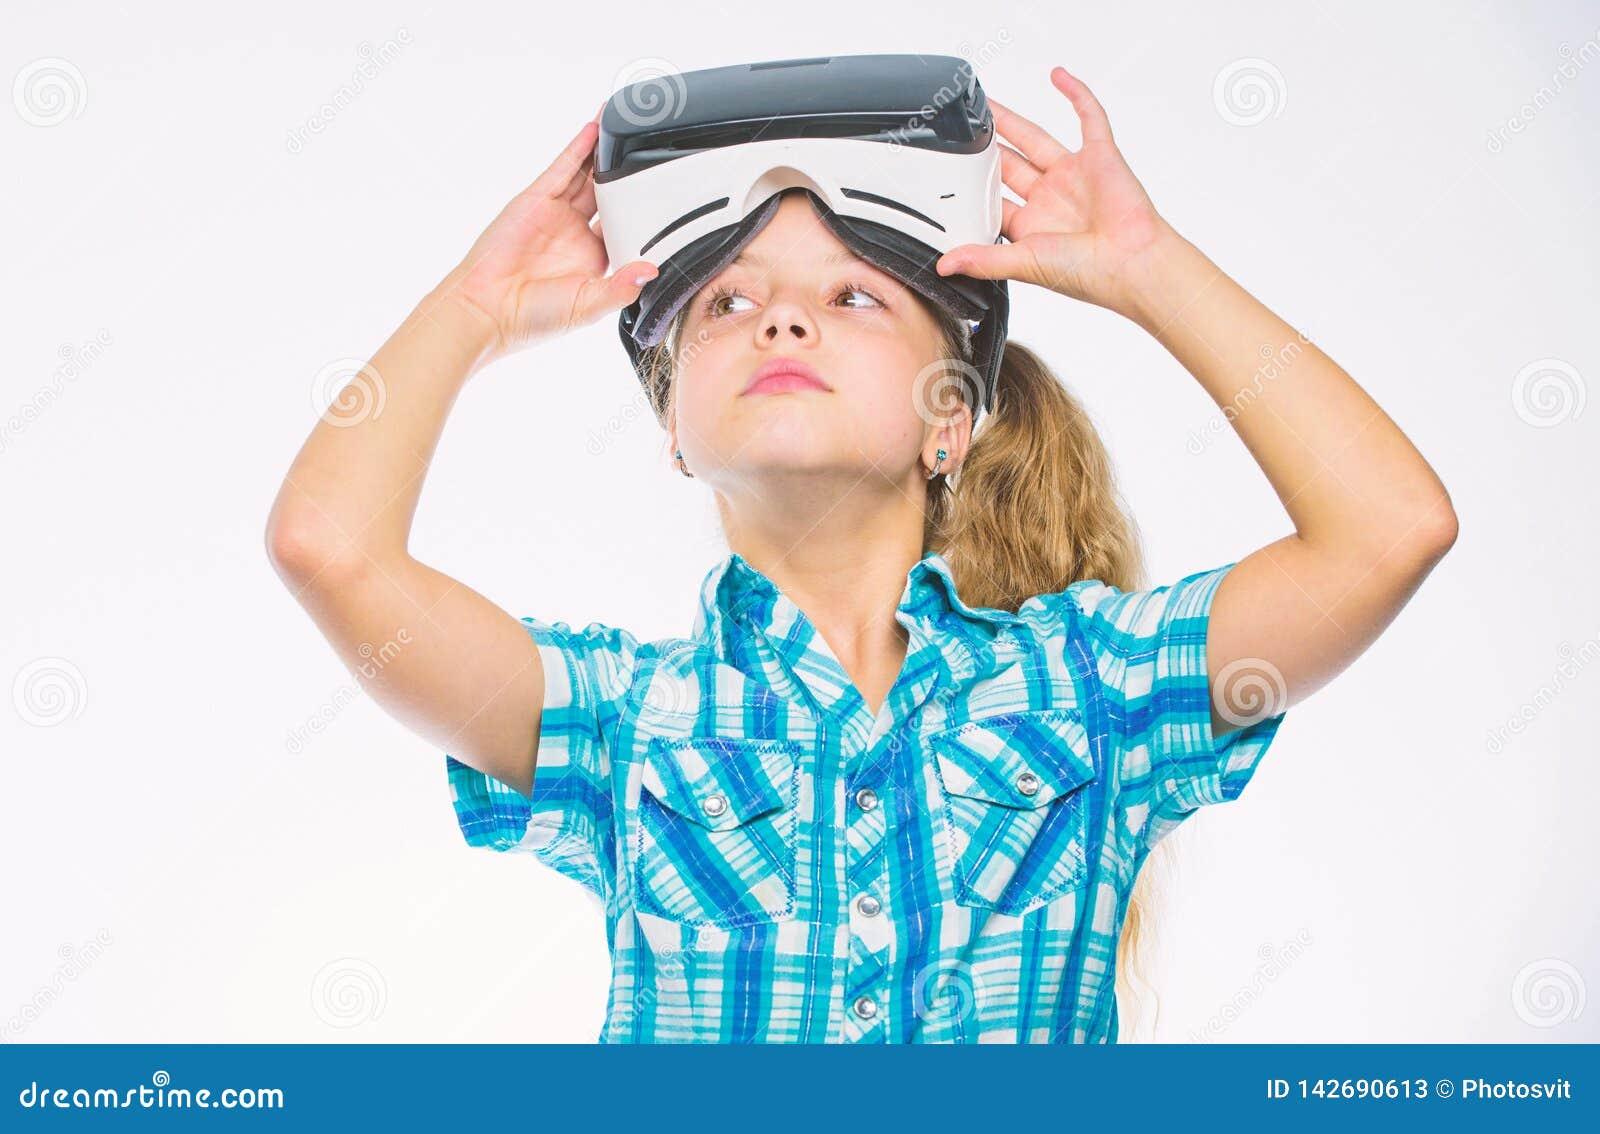 Игры детской игры виртуальные с современным прибором Исследуйте виртуальную возможность Самые новые игры виртуальной реальности д